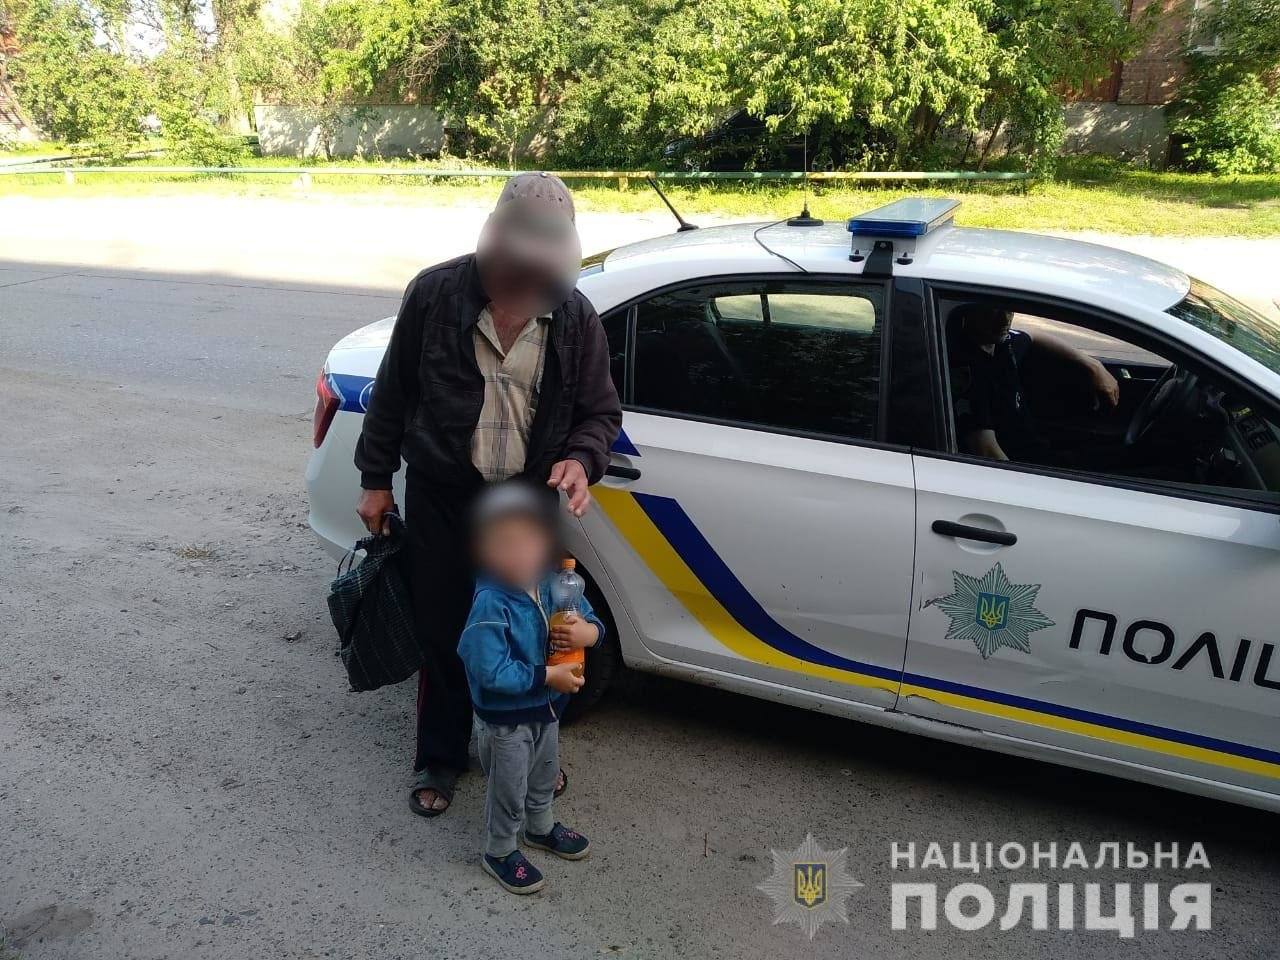 Под Харьковом разыскали трёхлетнего ребенка, который сбежал во время прогулки в лесу, - ФОТО, фото-1